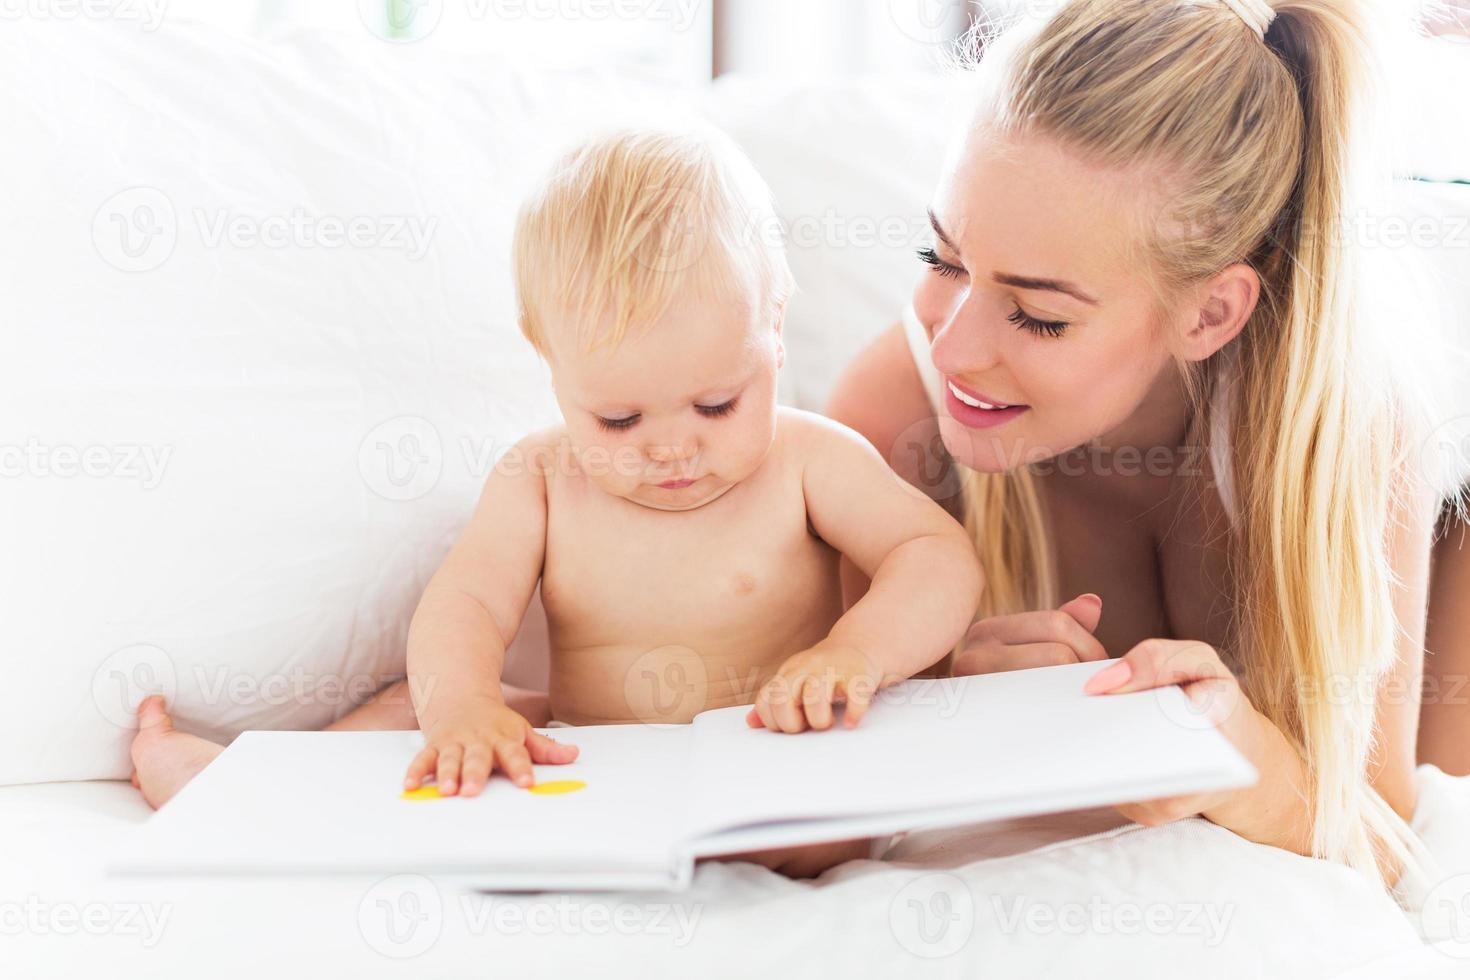 madre leyendo libro con bebe foto